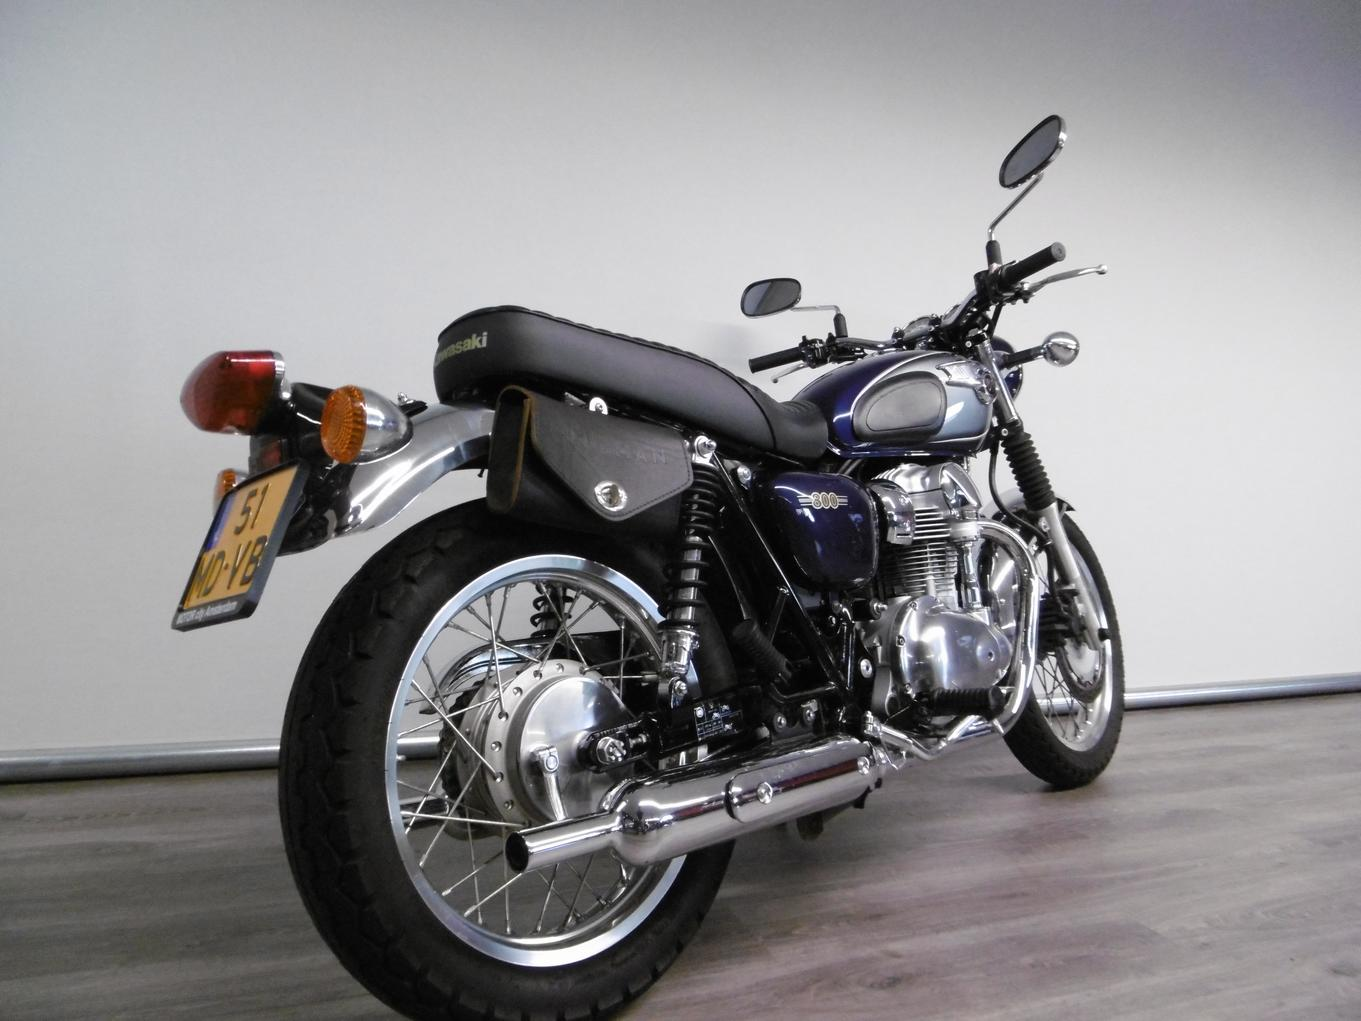 KAWASAKI - W 800